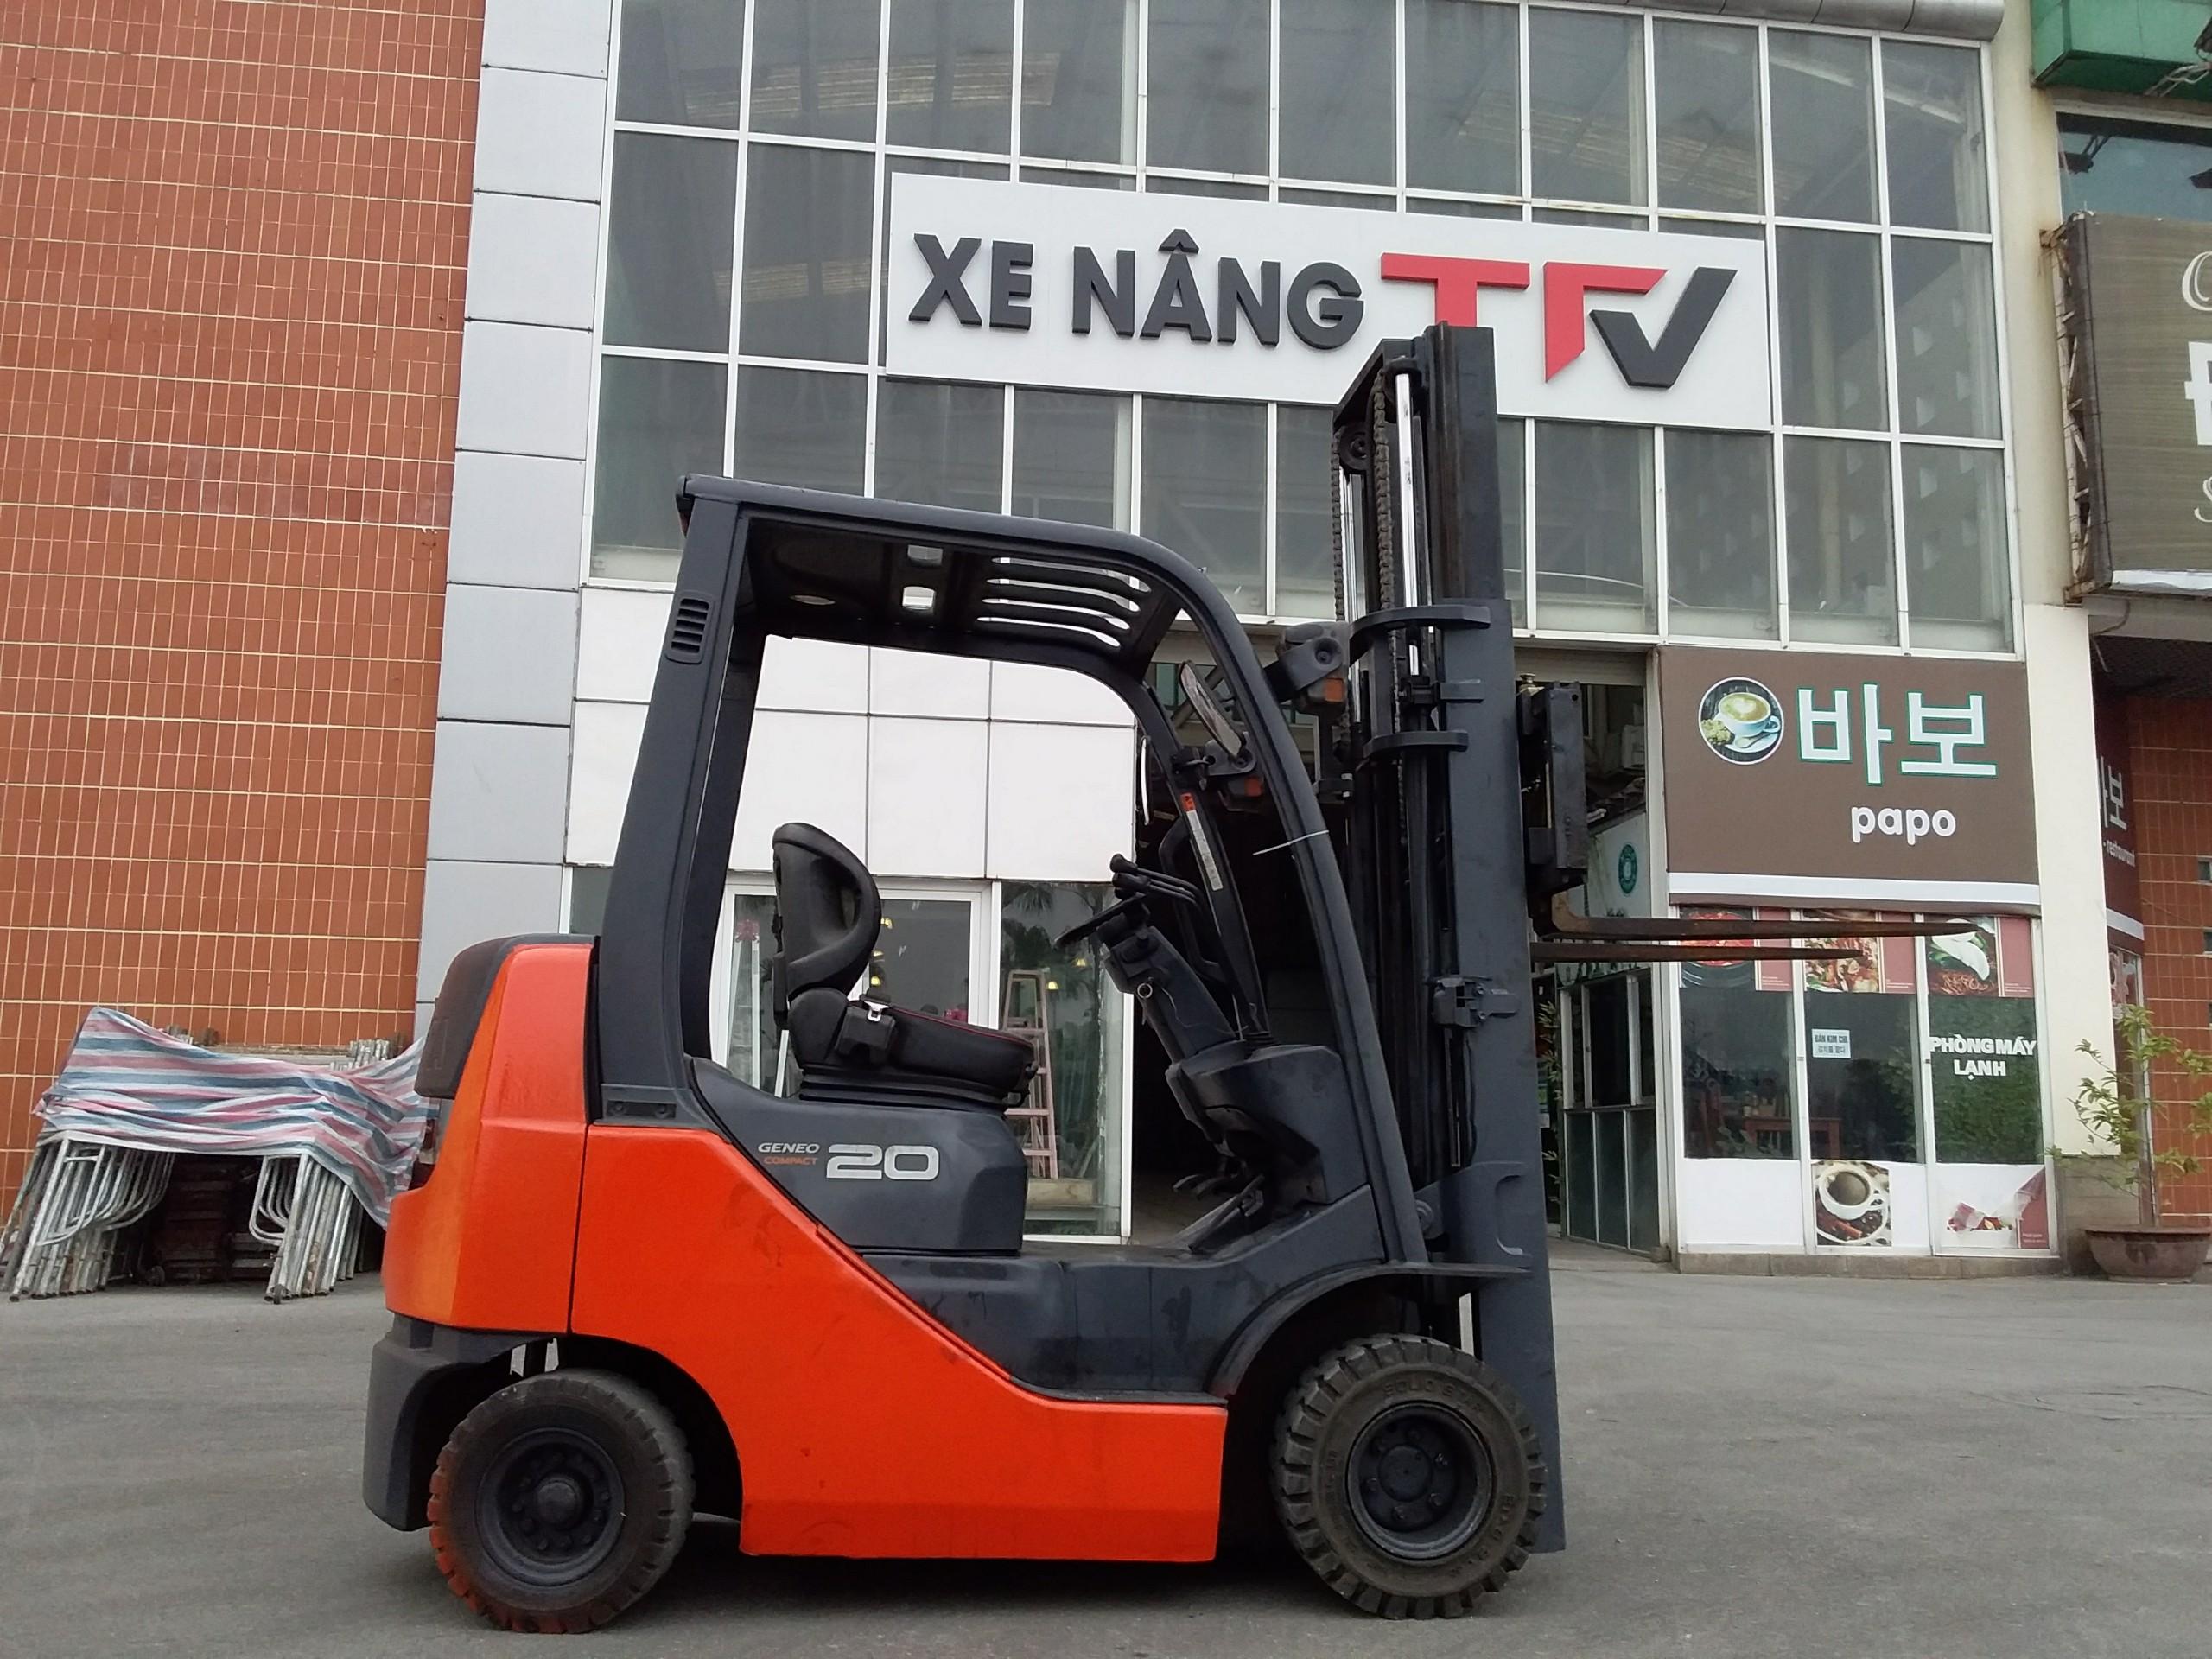 Xe nâng dầu Toyota 02-8FDK20-10153,tải trọng 2 tấn, nâng cao 3m, sx 2007, đã qua sử dụng